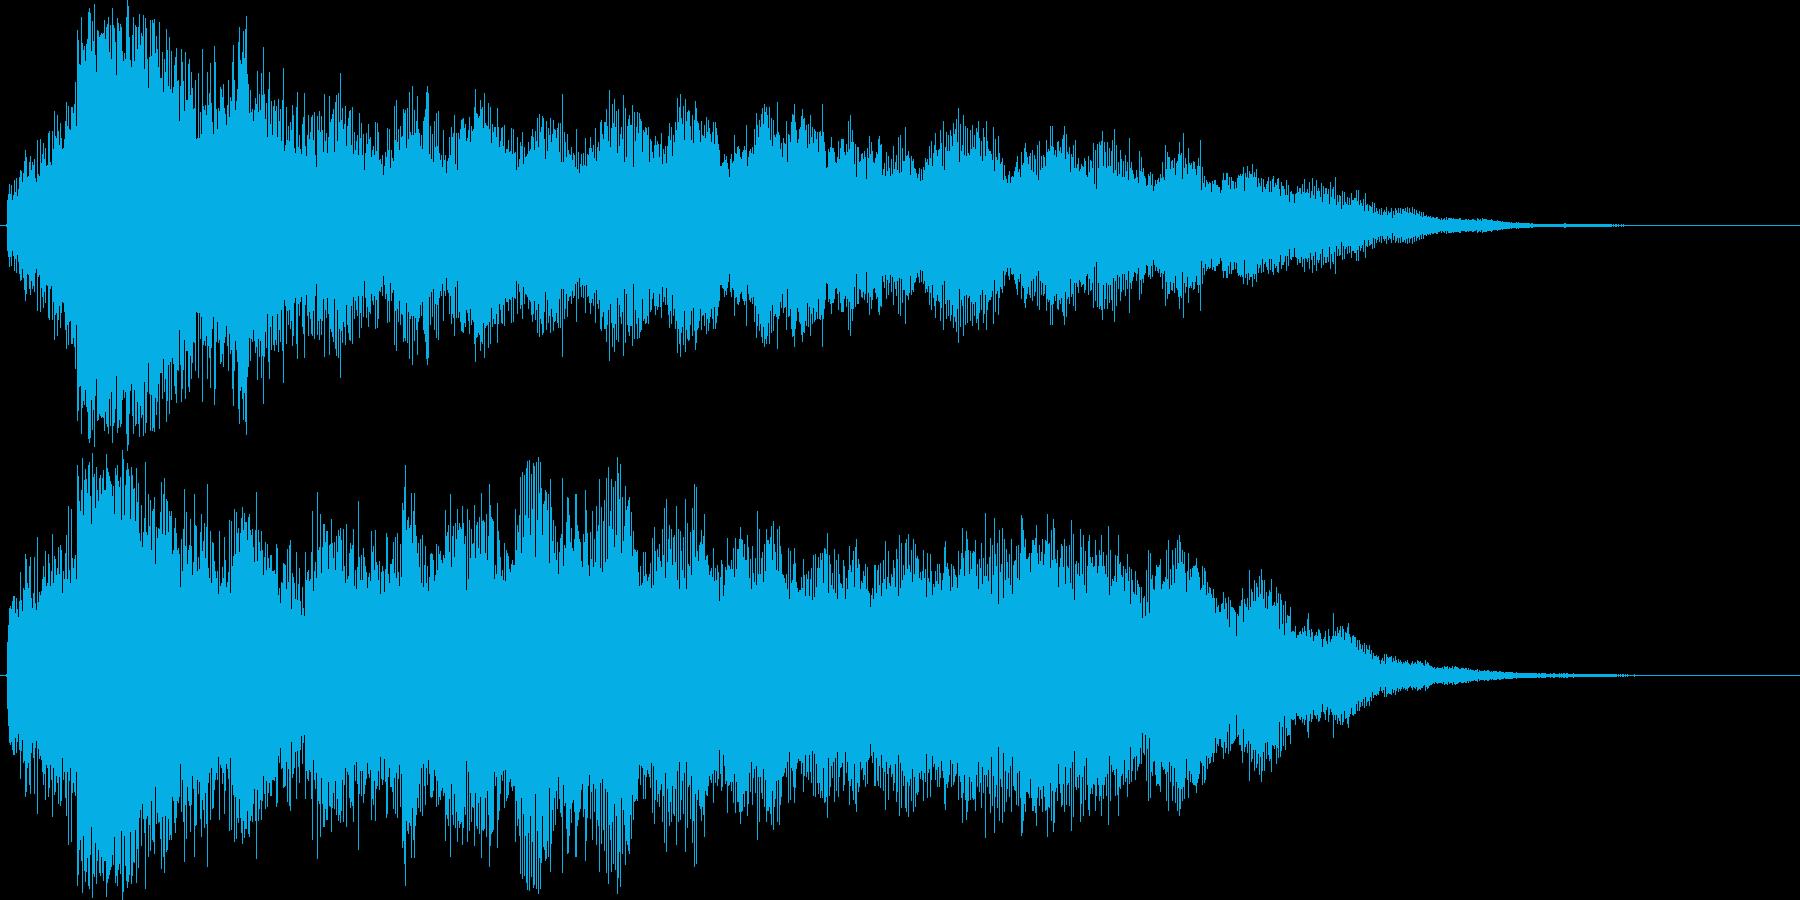 企業ロゴ等の表示音にの再生済みの波形